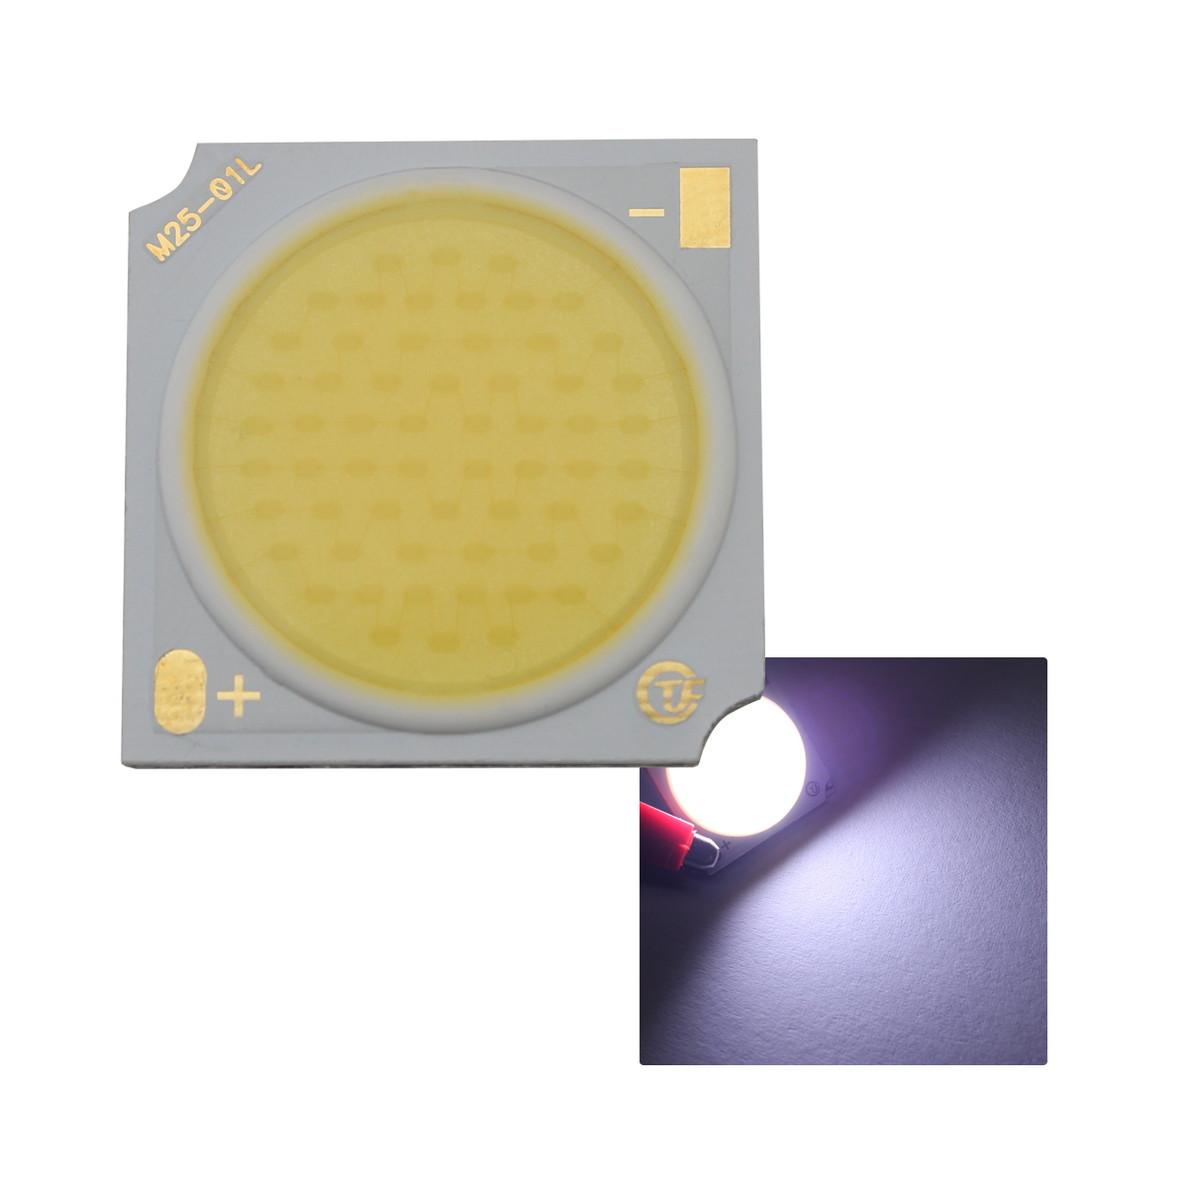 8586(1個) COB ショーケース用 LED (プラチナ) 1919 (30W) 8000-10000K 110-120LM/W 30-34V 960mA 90Ra